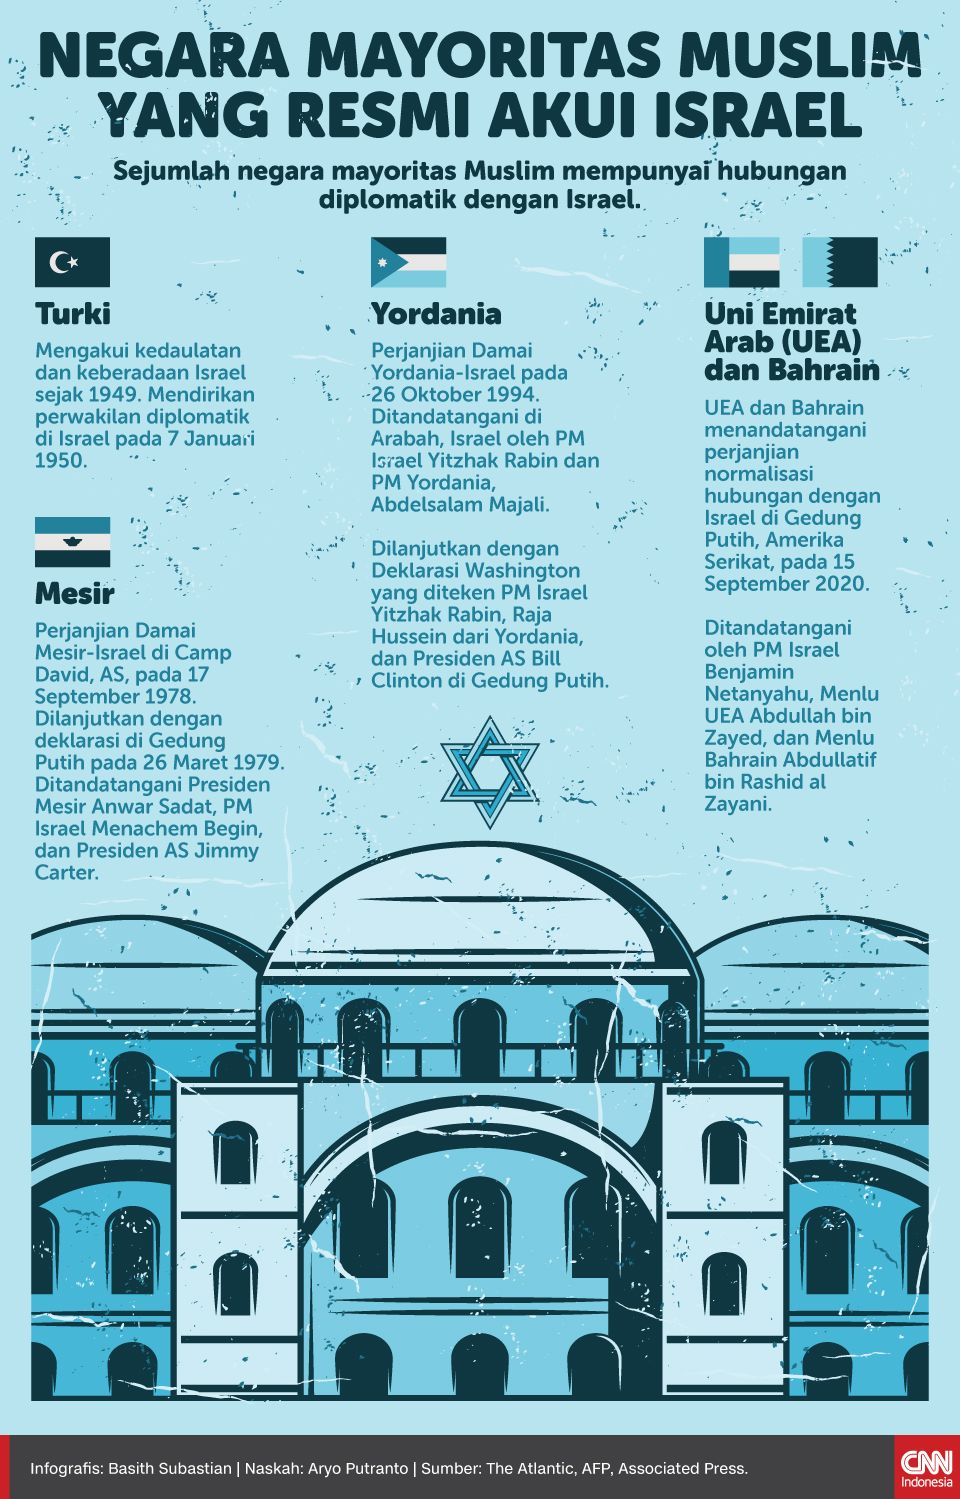 Infografis Negara Mayoritas Muslim yang Resmi Akui Israel